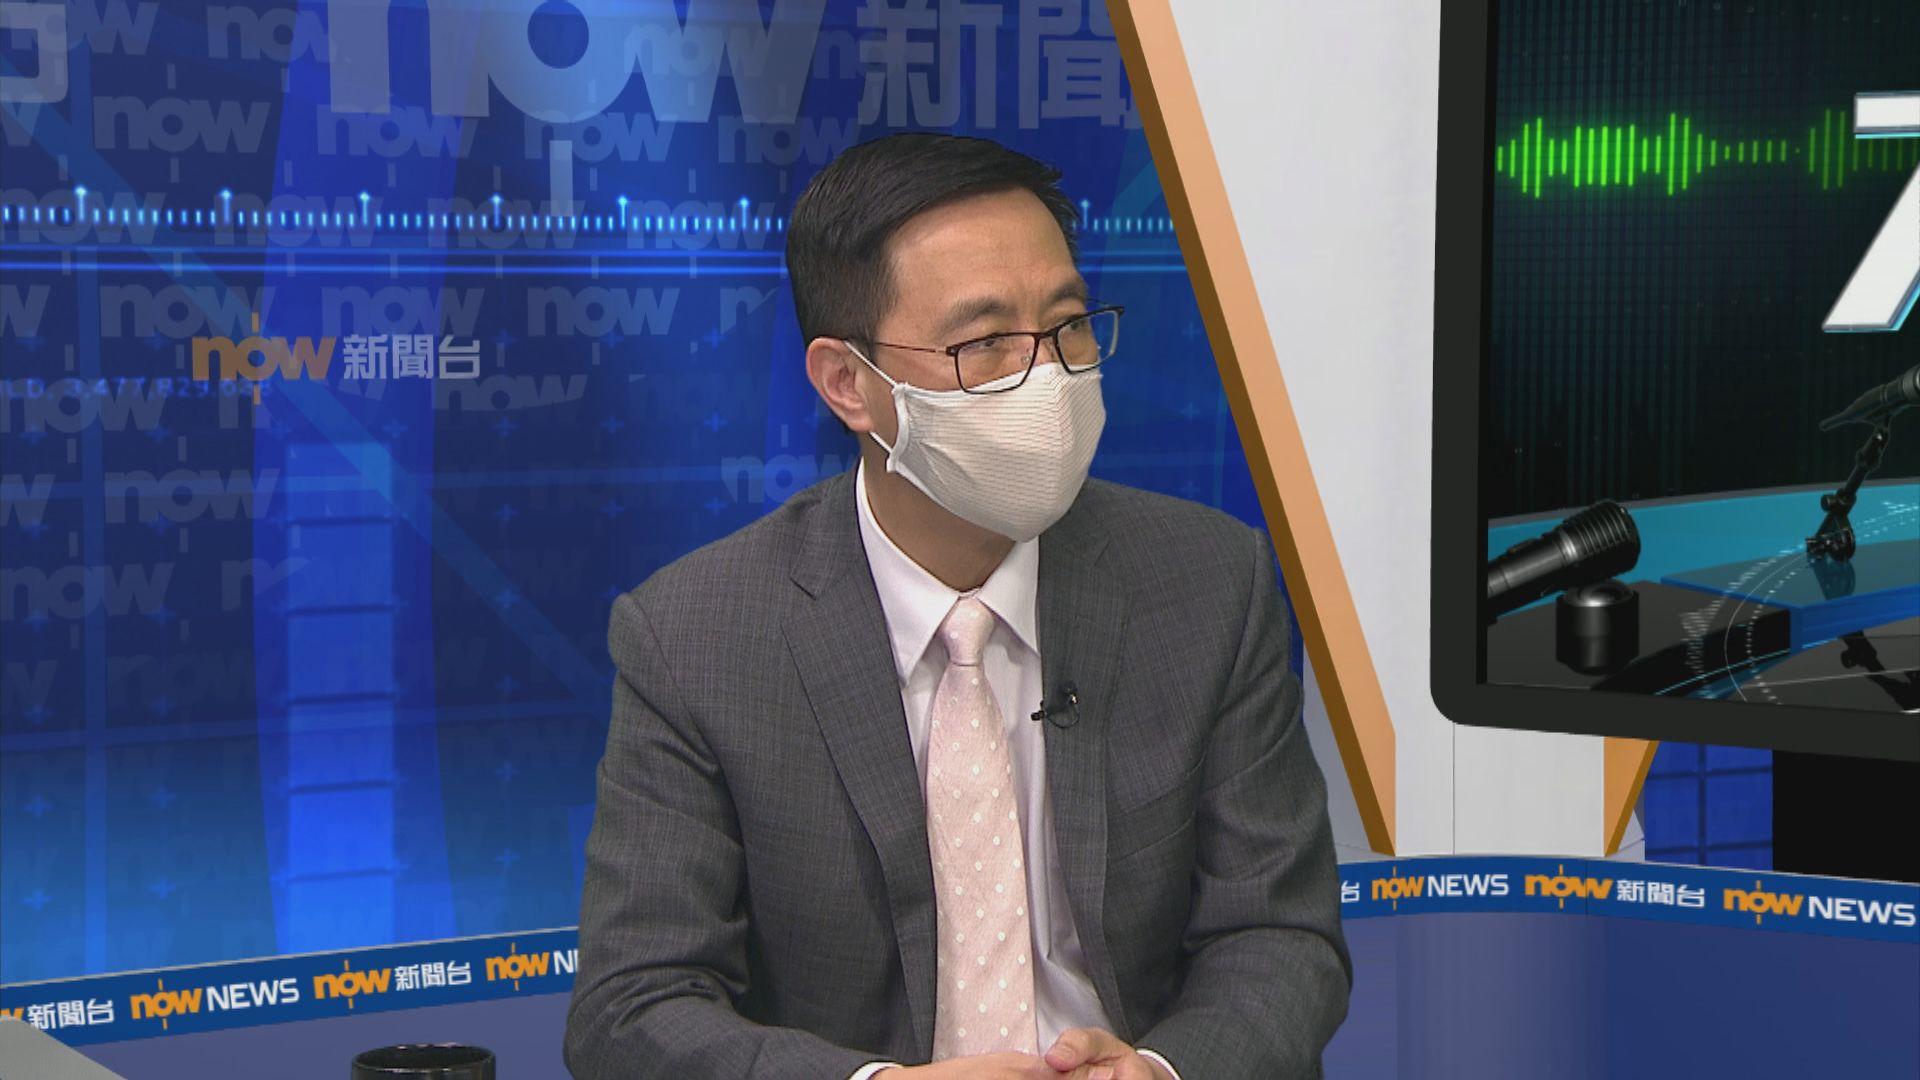 楊潤雄:學校會減少群體活動防病毒散播